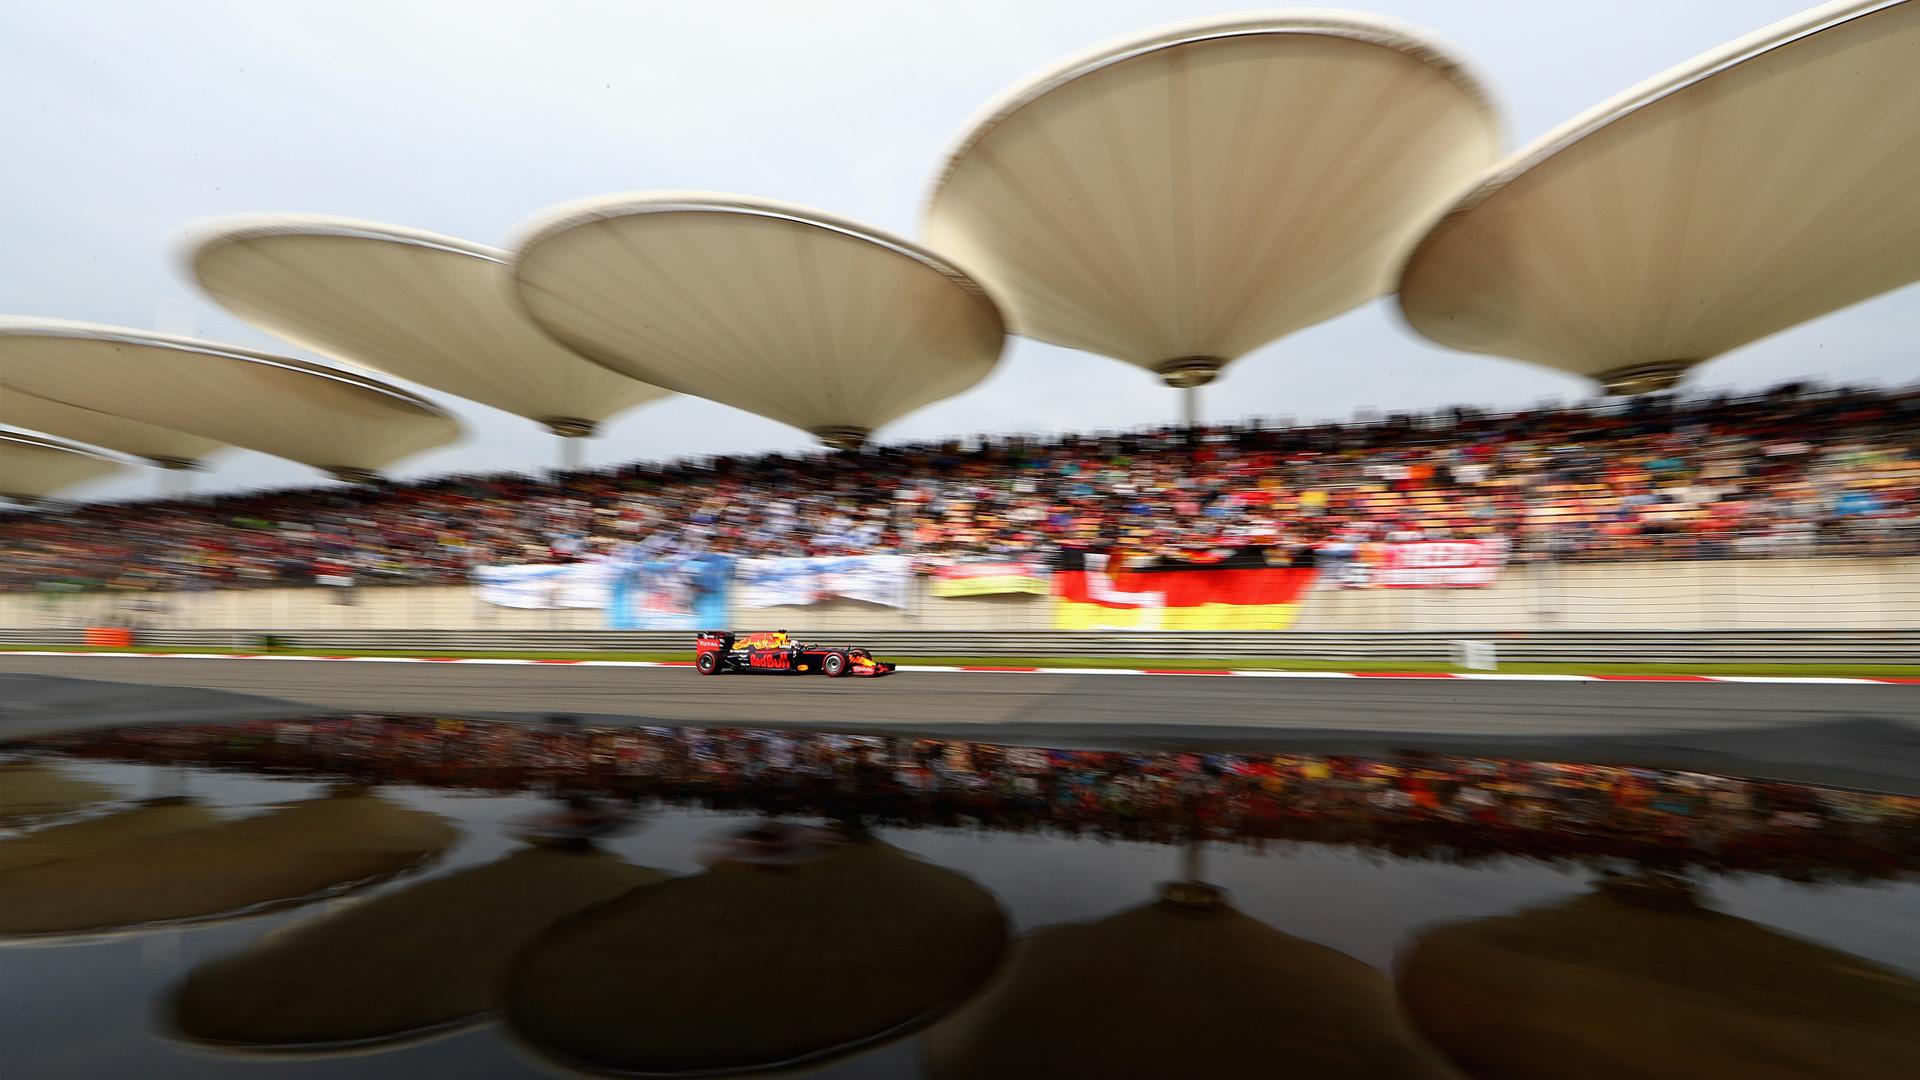 Что произошло на гонке Формулы-1 в Китае. Фото 3